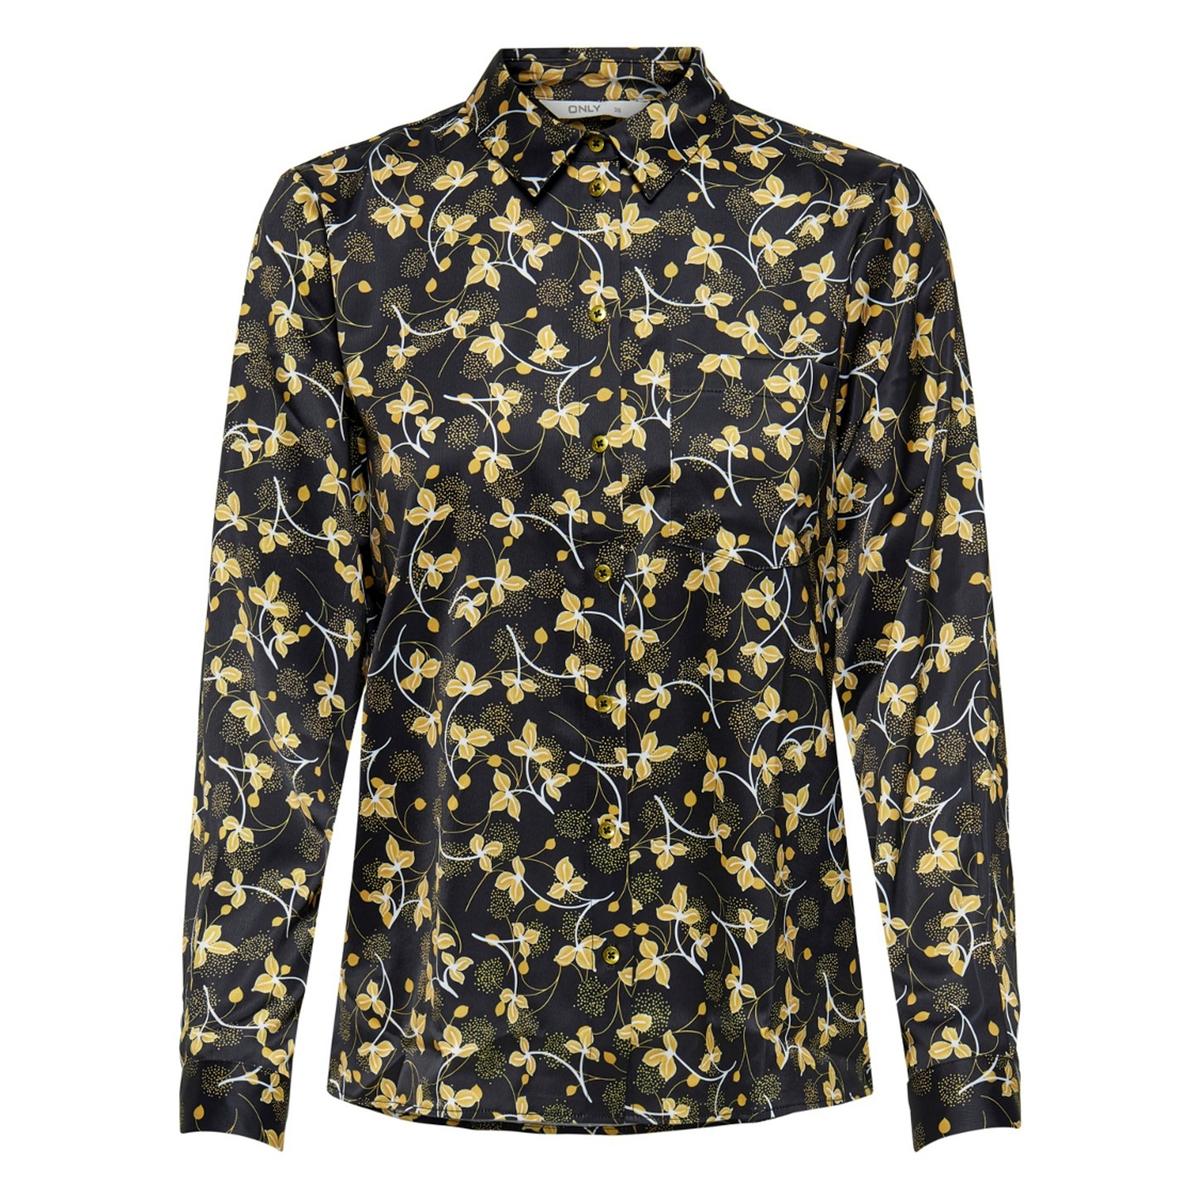 Блузка La Redoute С растительным рисунком 34 (FR) - 40 (RUS) черный платье la redoute радужное estelle 36 fr 42 rus черный